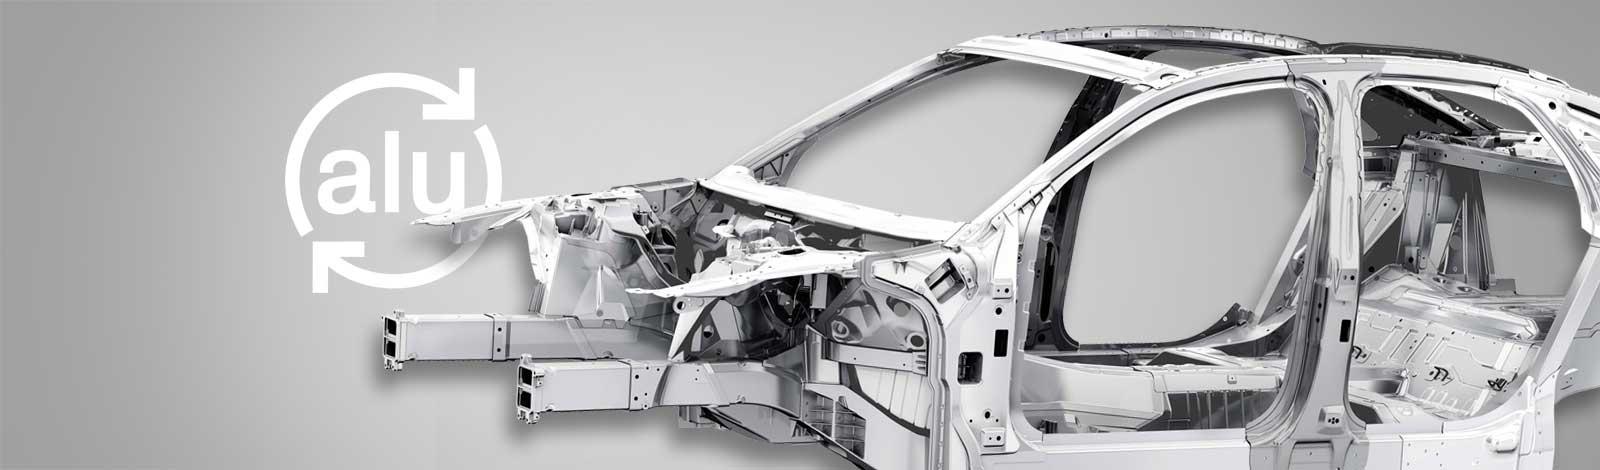 riparazione_carrozzeria_alluminio